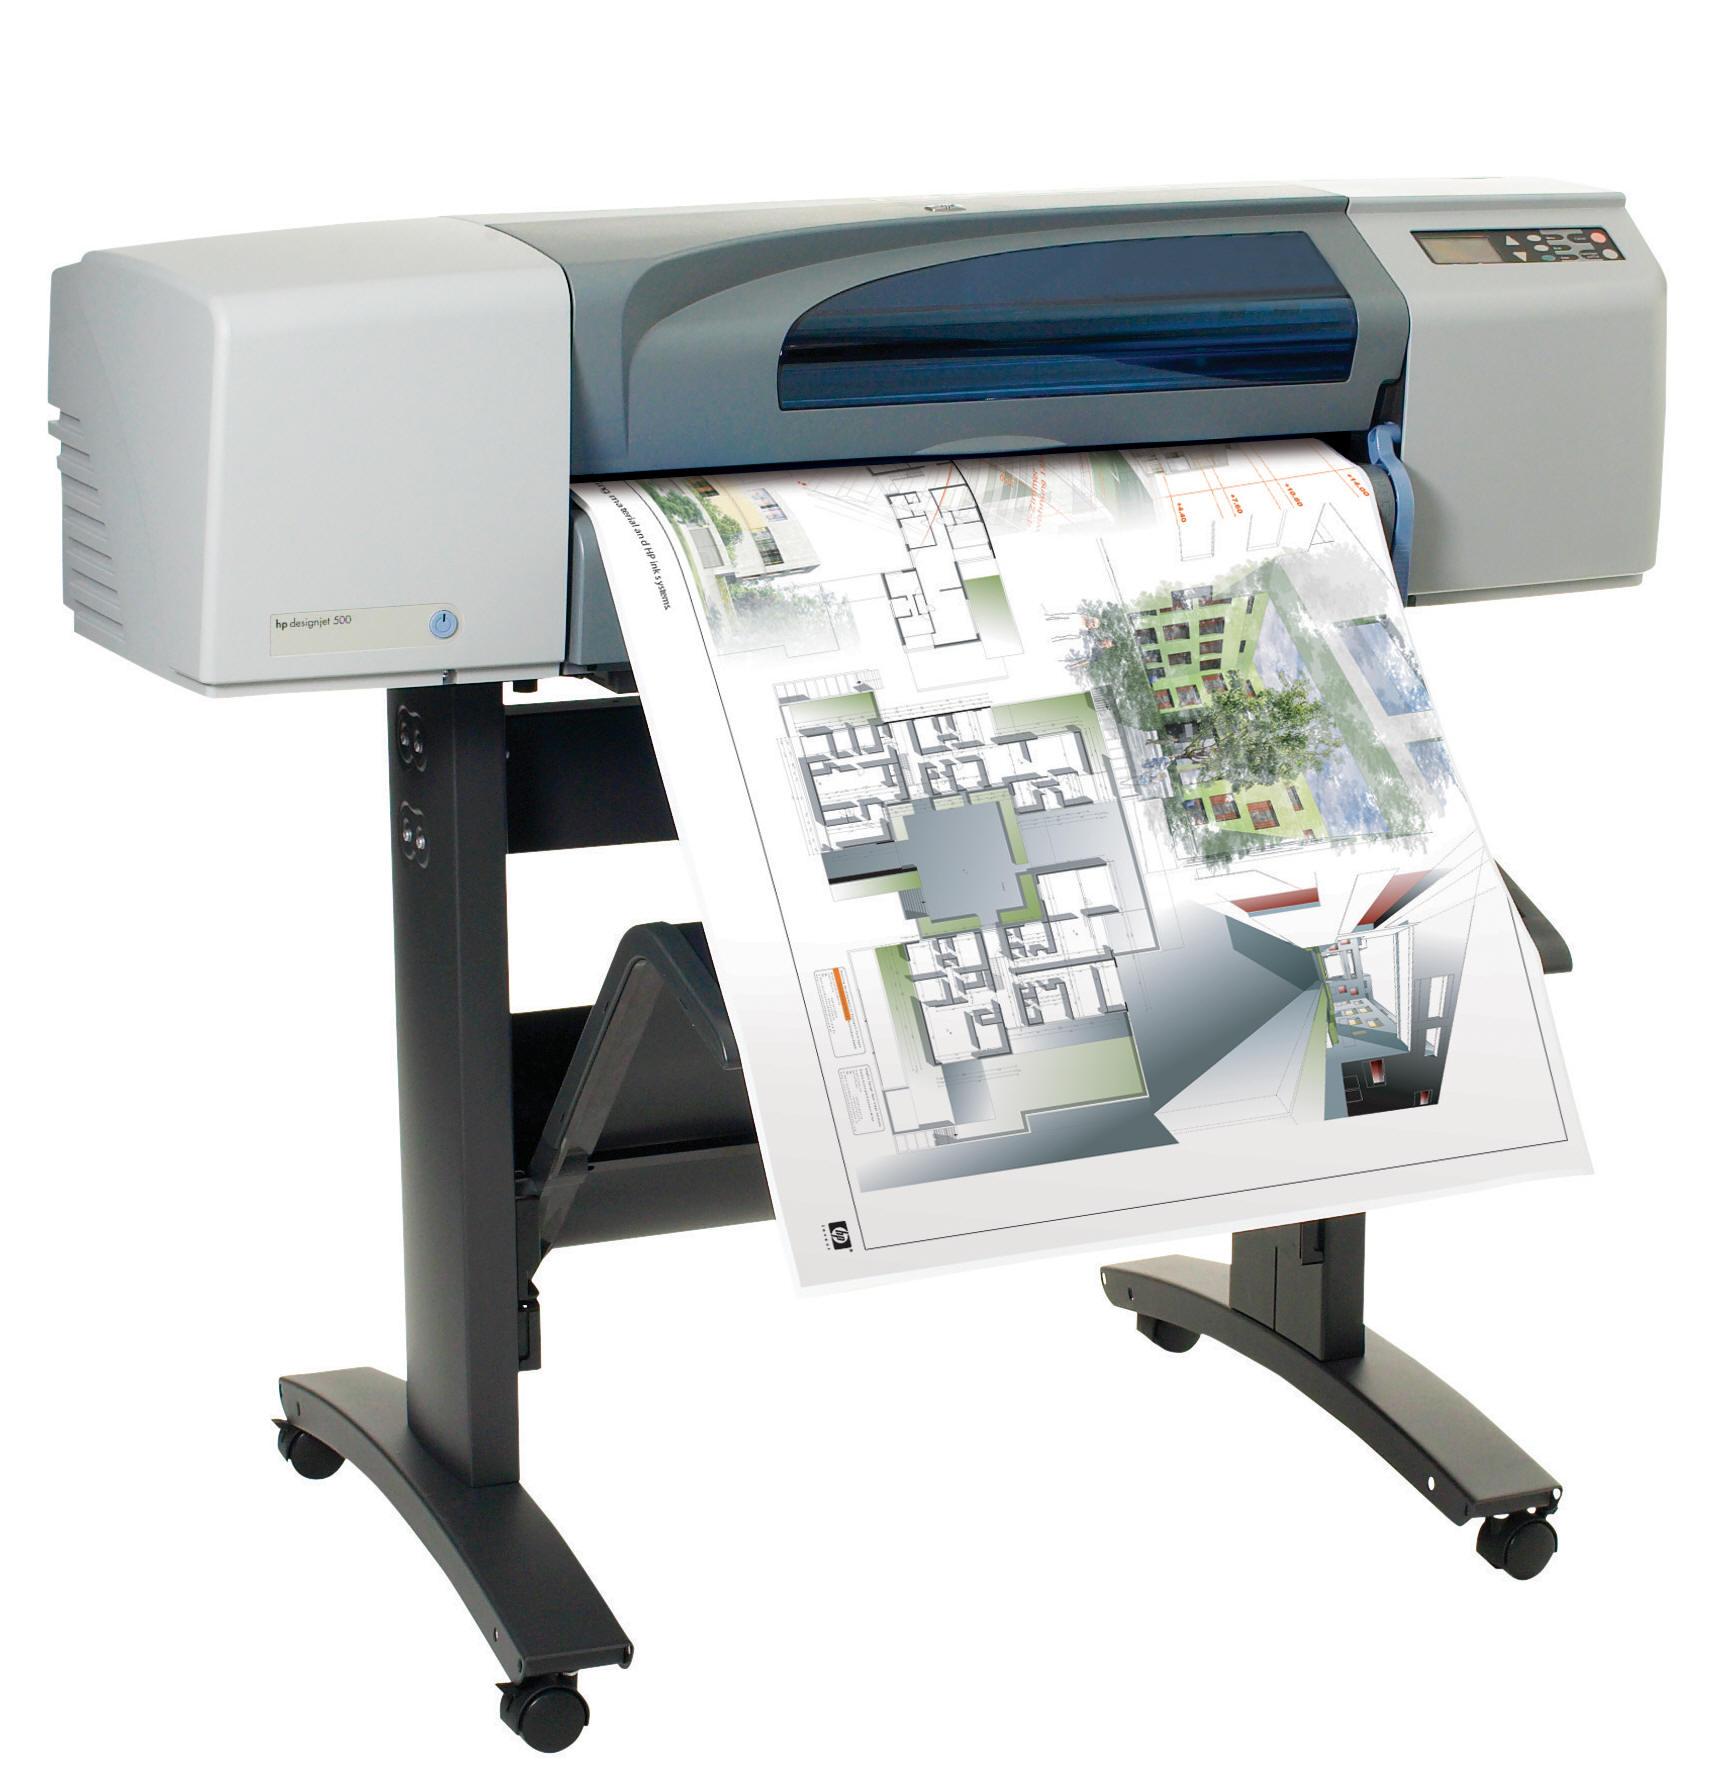 hp designjet 500 tecnocopy srl. Black Bedroom Furniture Sets. Home Design Ideas